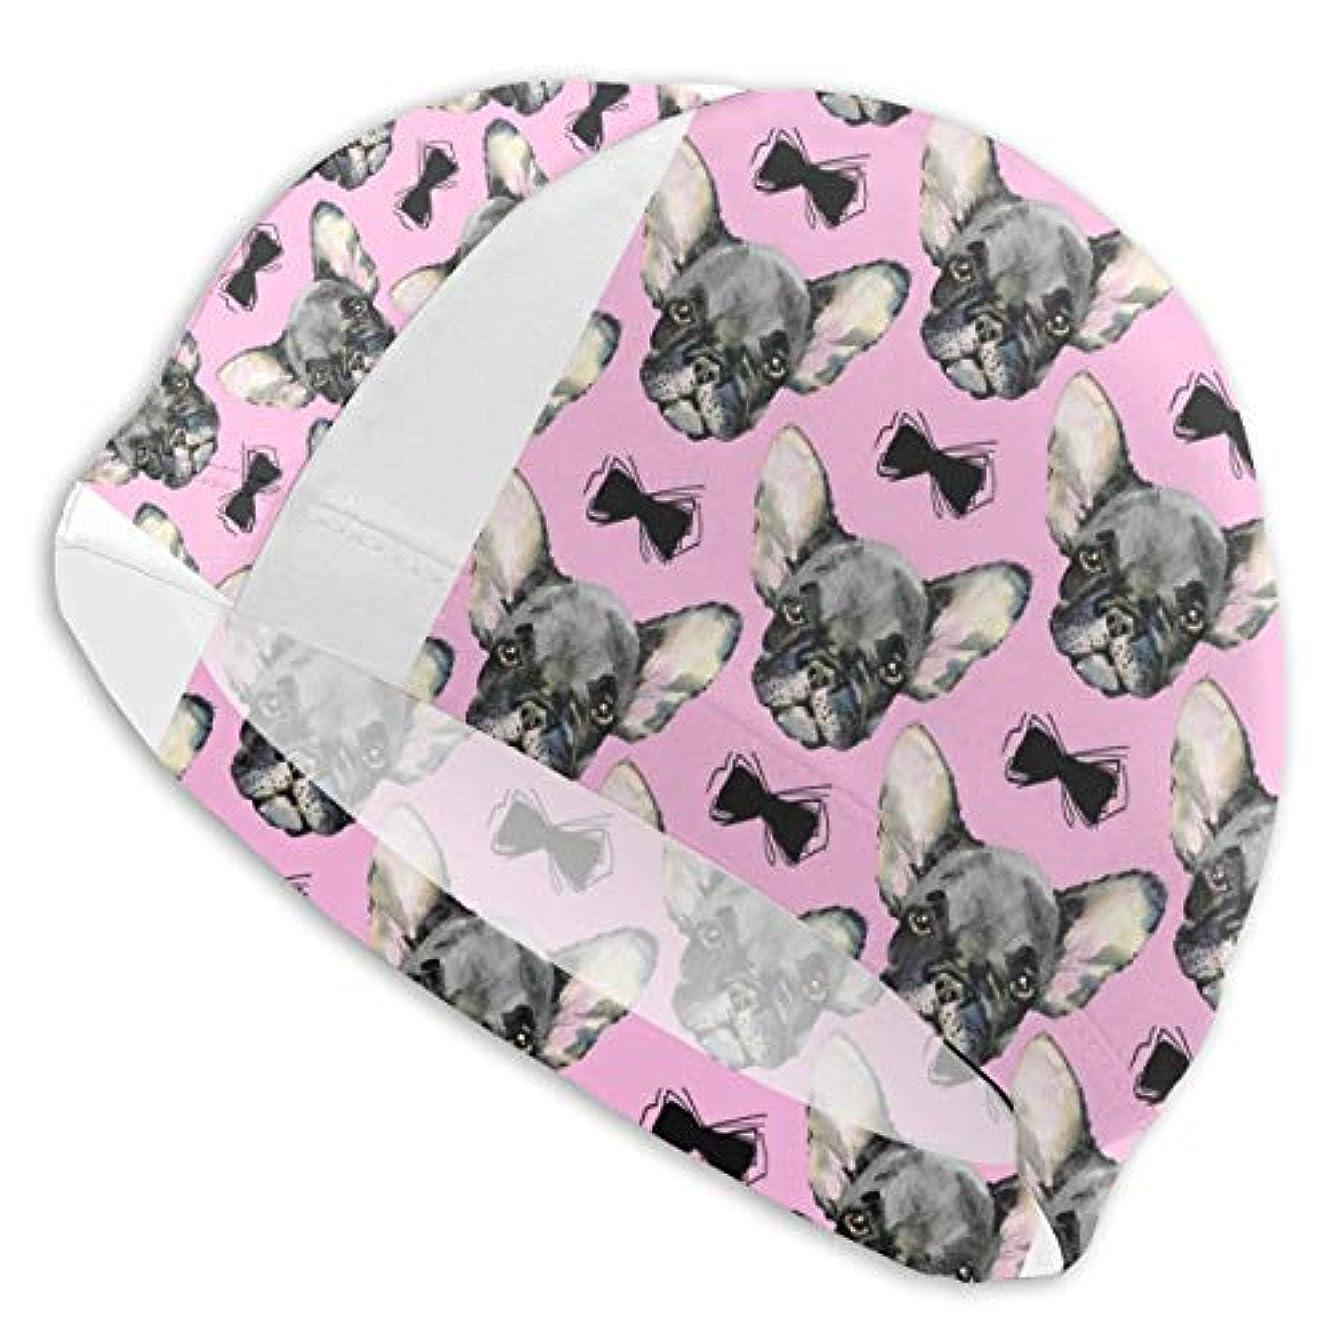 既婚支店ハーブフレンチブルドッグ犬かわいいスイムキャップ スイミングキャップ 水泳キャップ 競泳 水泳帽 メンズ レディース 兼用 ゆったりサイズ フリーサイズ(28-33cm)